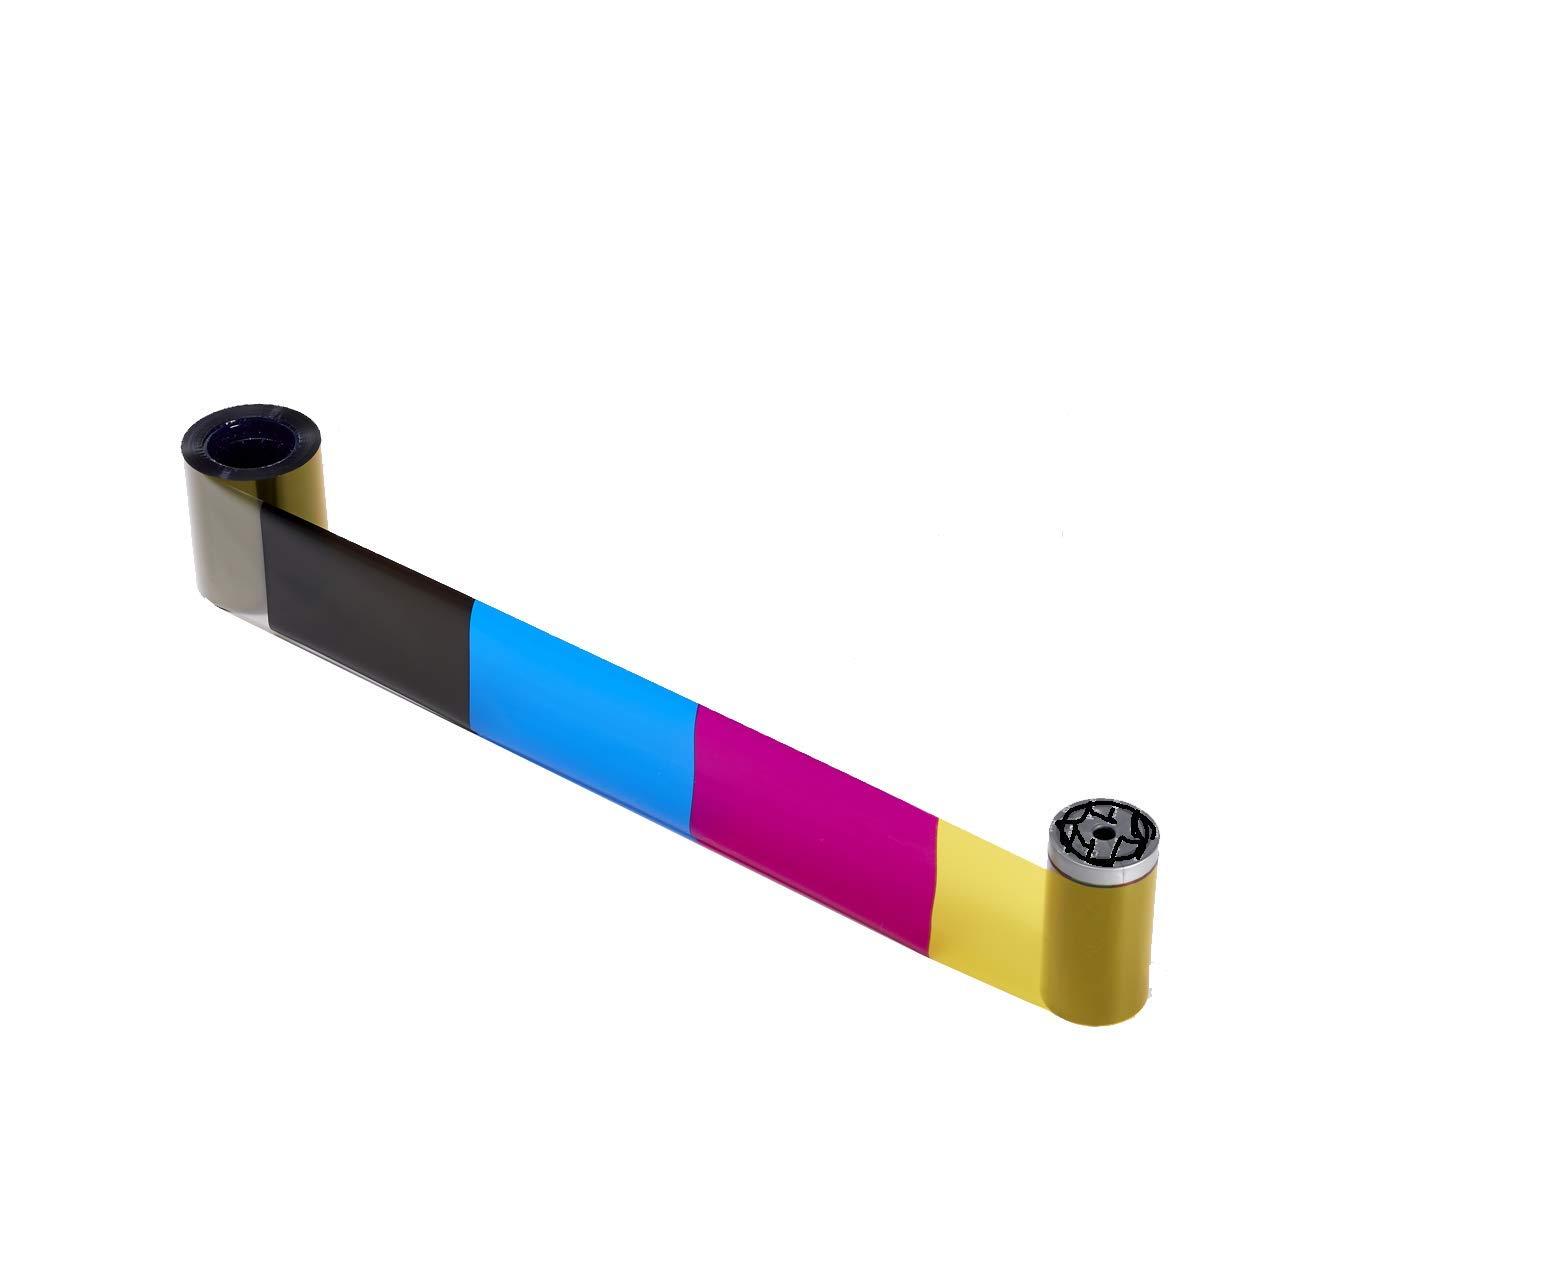 3-0104-1 Polaroid YMCKT Ribbon - 250 Images - P3000, P3000E, P4000 & P4000E by Polaroid (Image #2)